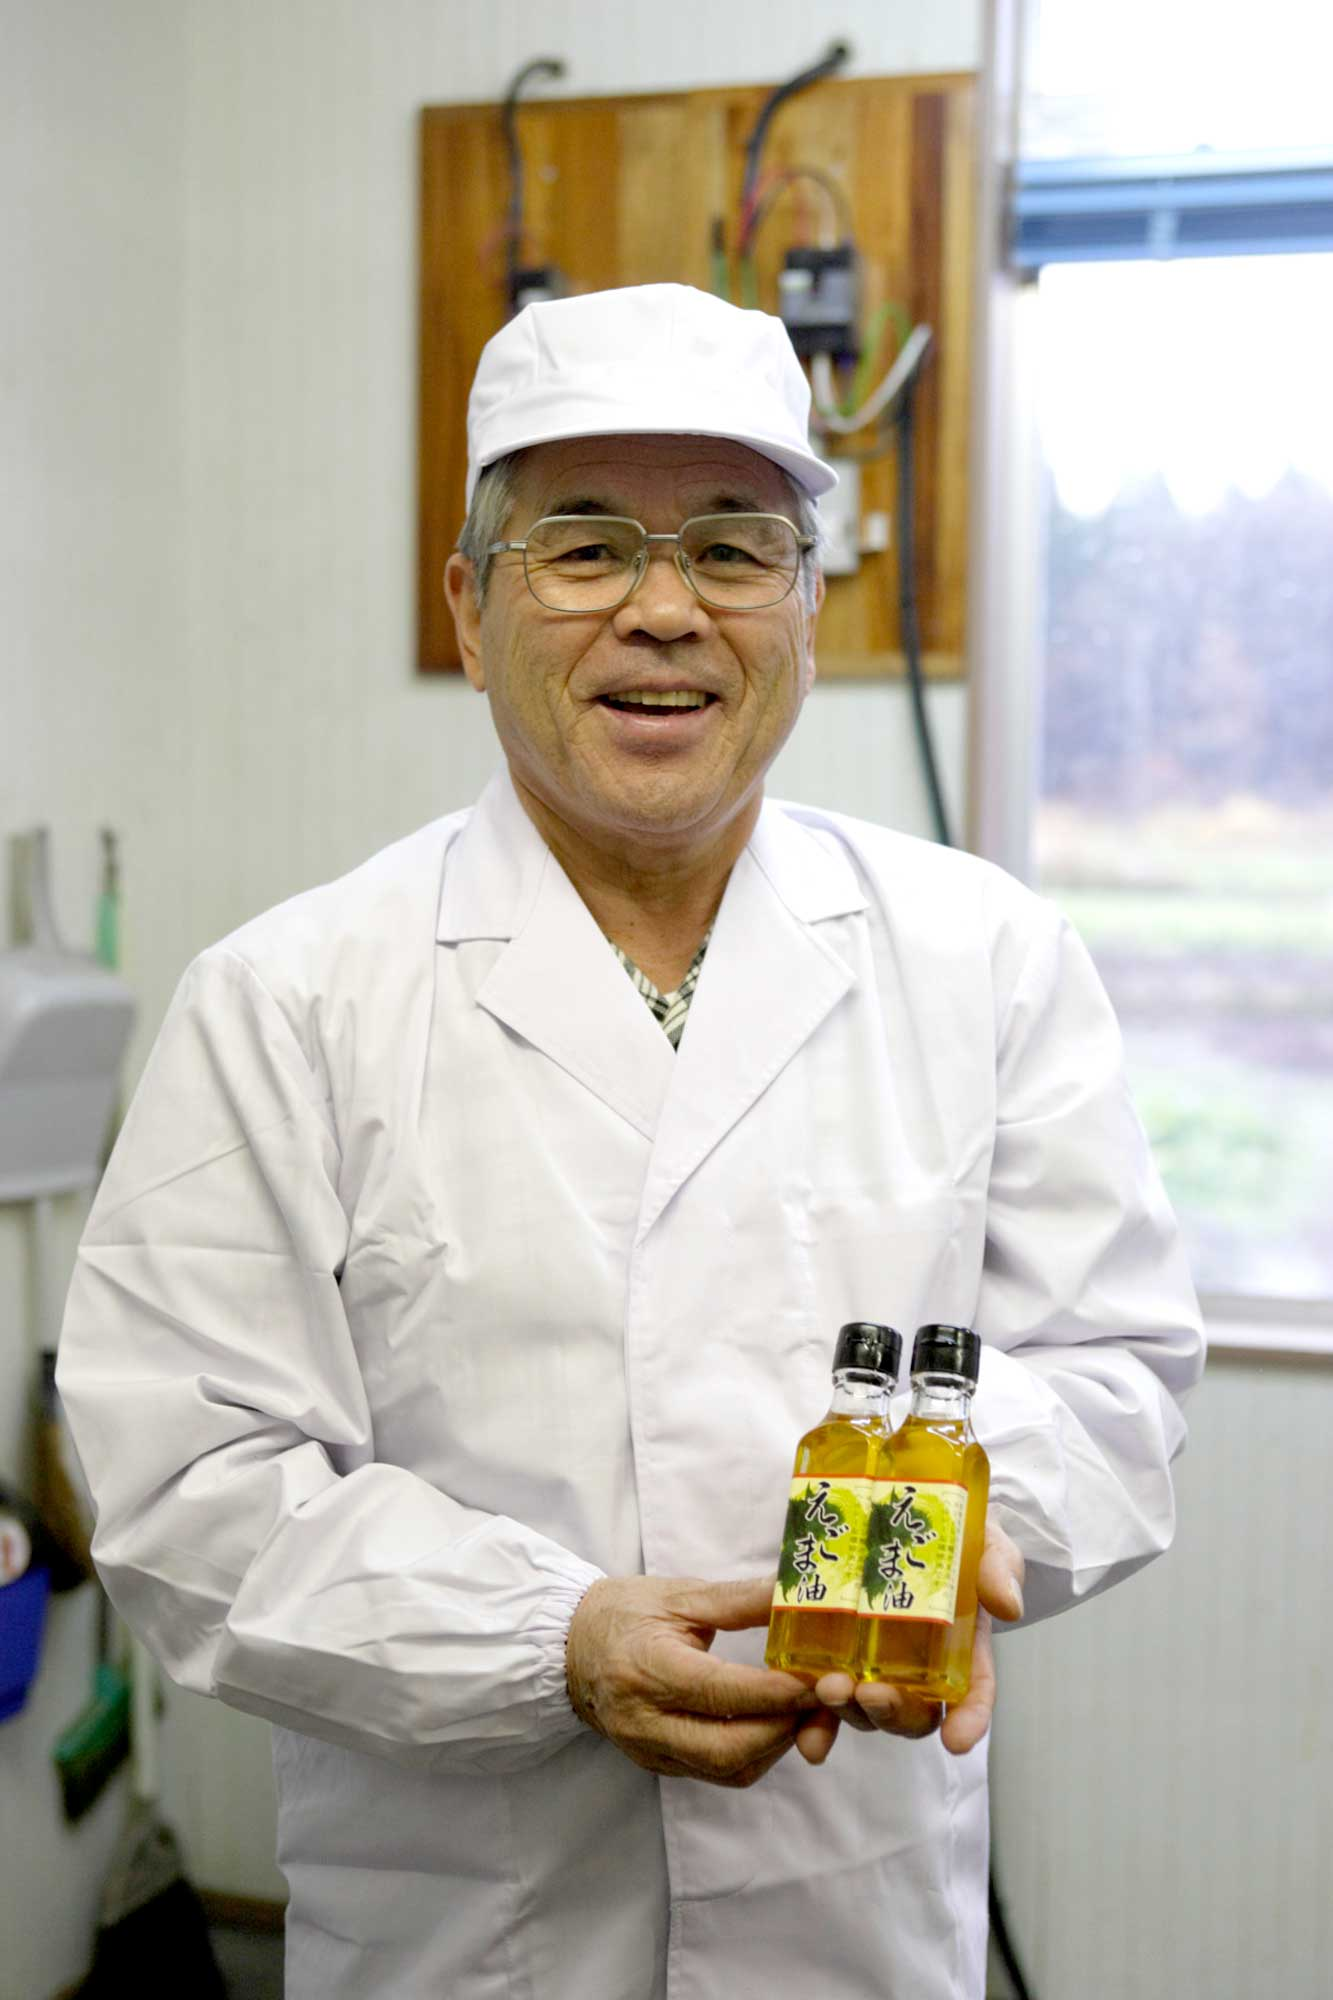 山形県アンテナショップおいしい山形 つくり手を訪ねて|戸沢村エゴマの会 事務局 田中誠一さん